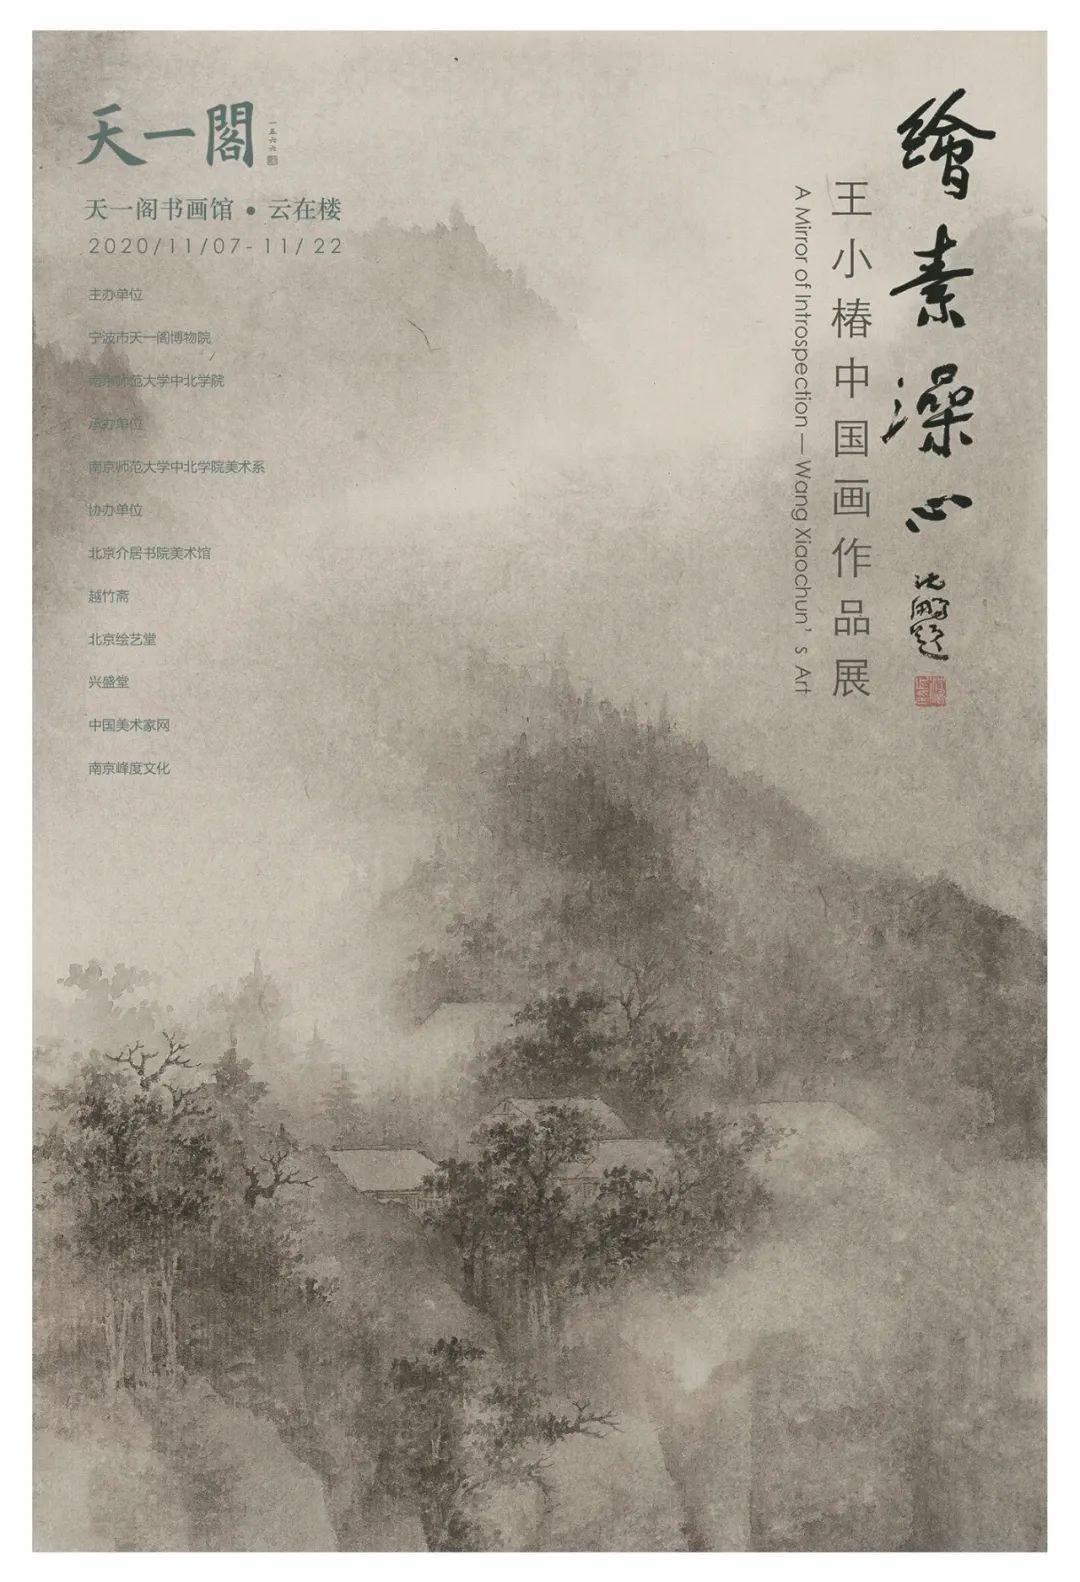 绘素澡心·天一阁—王小椿中国画作品展即将开幕